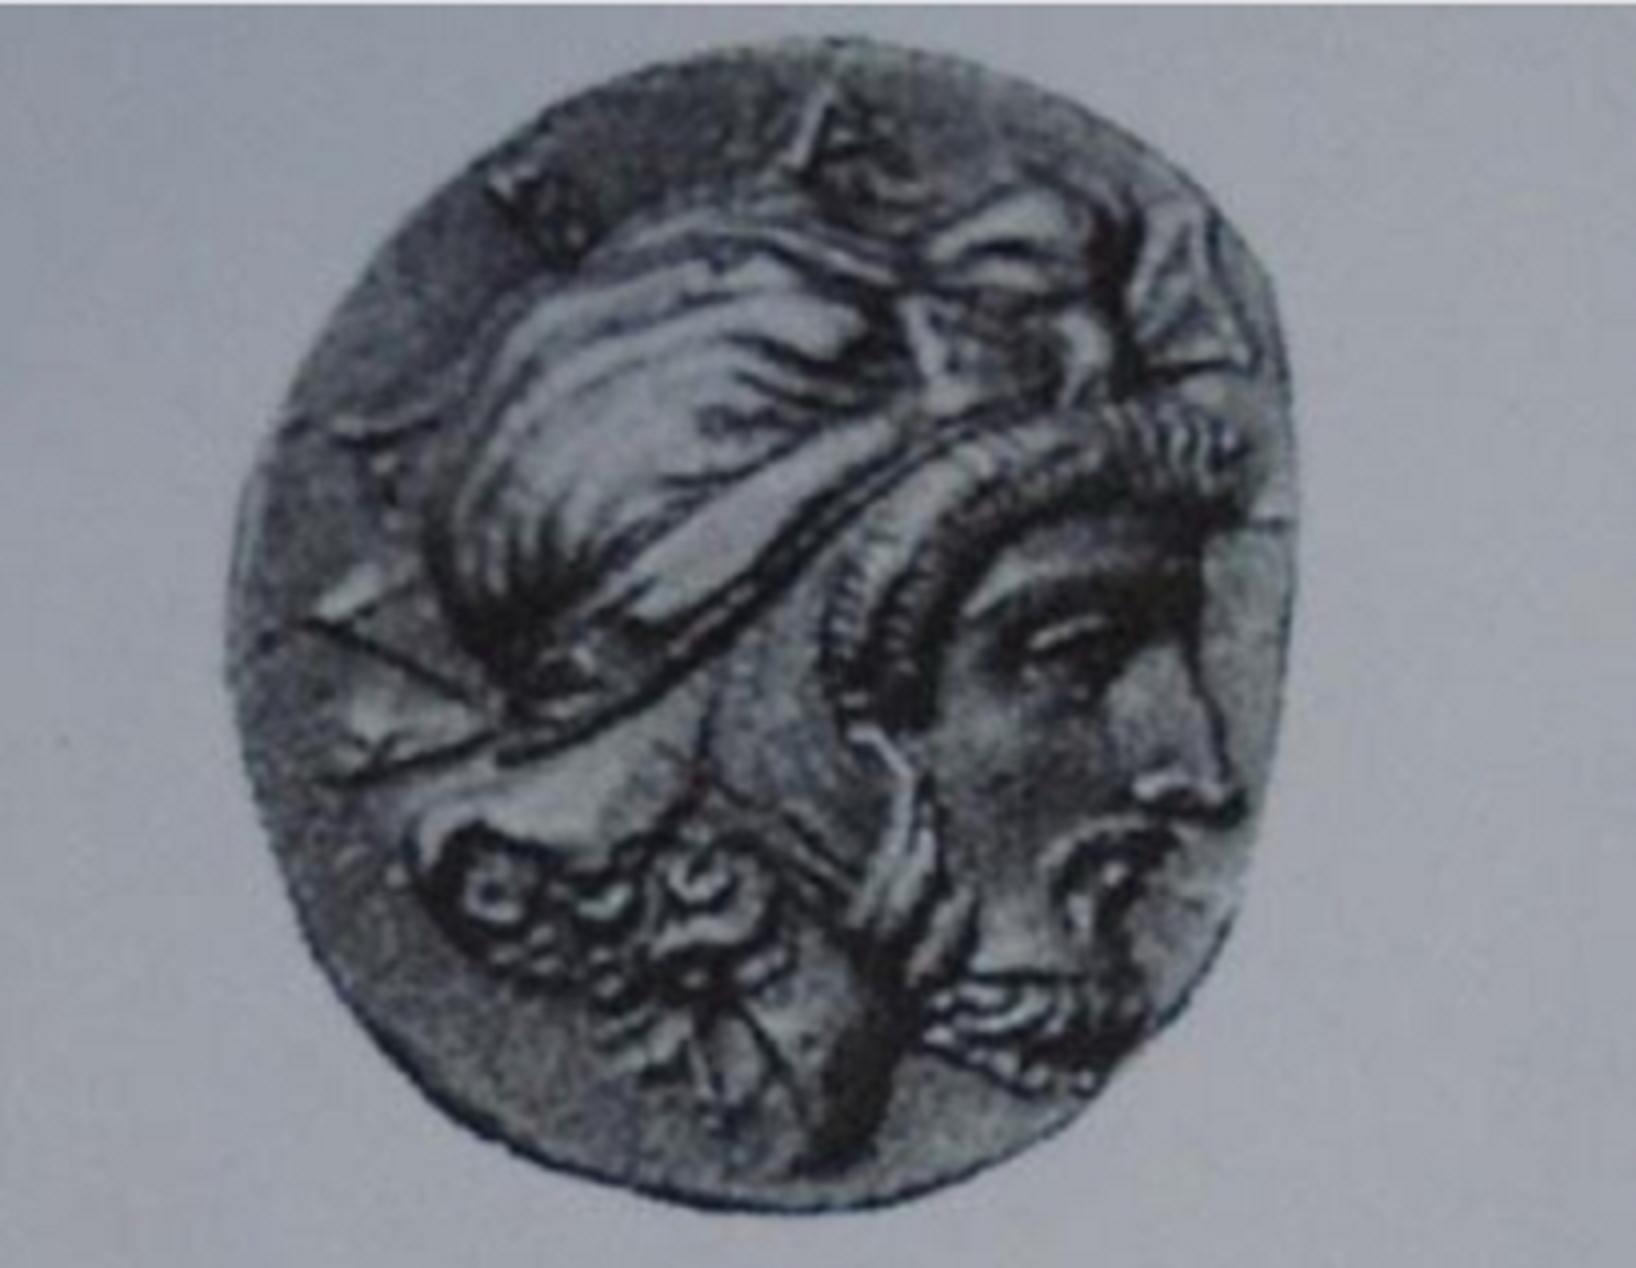 Ἀντώνης Σαμαρᾶς. Ἀντώνης ἤ Ἀνταλκίδας;3